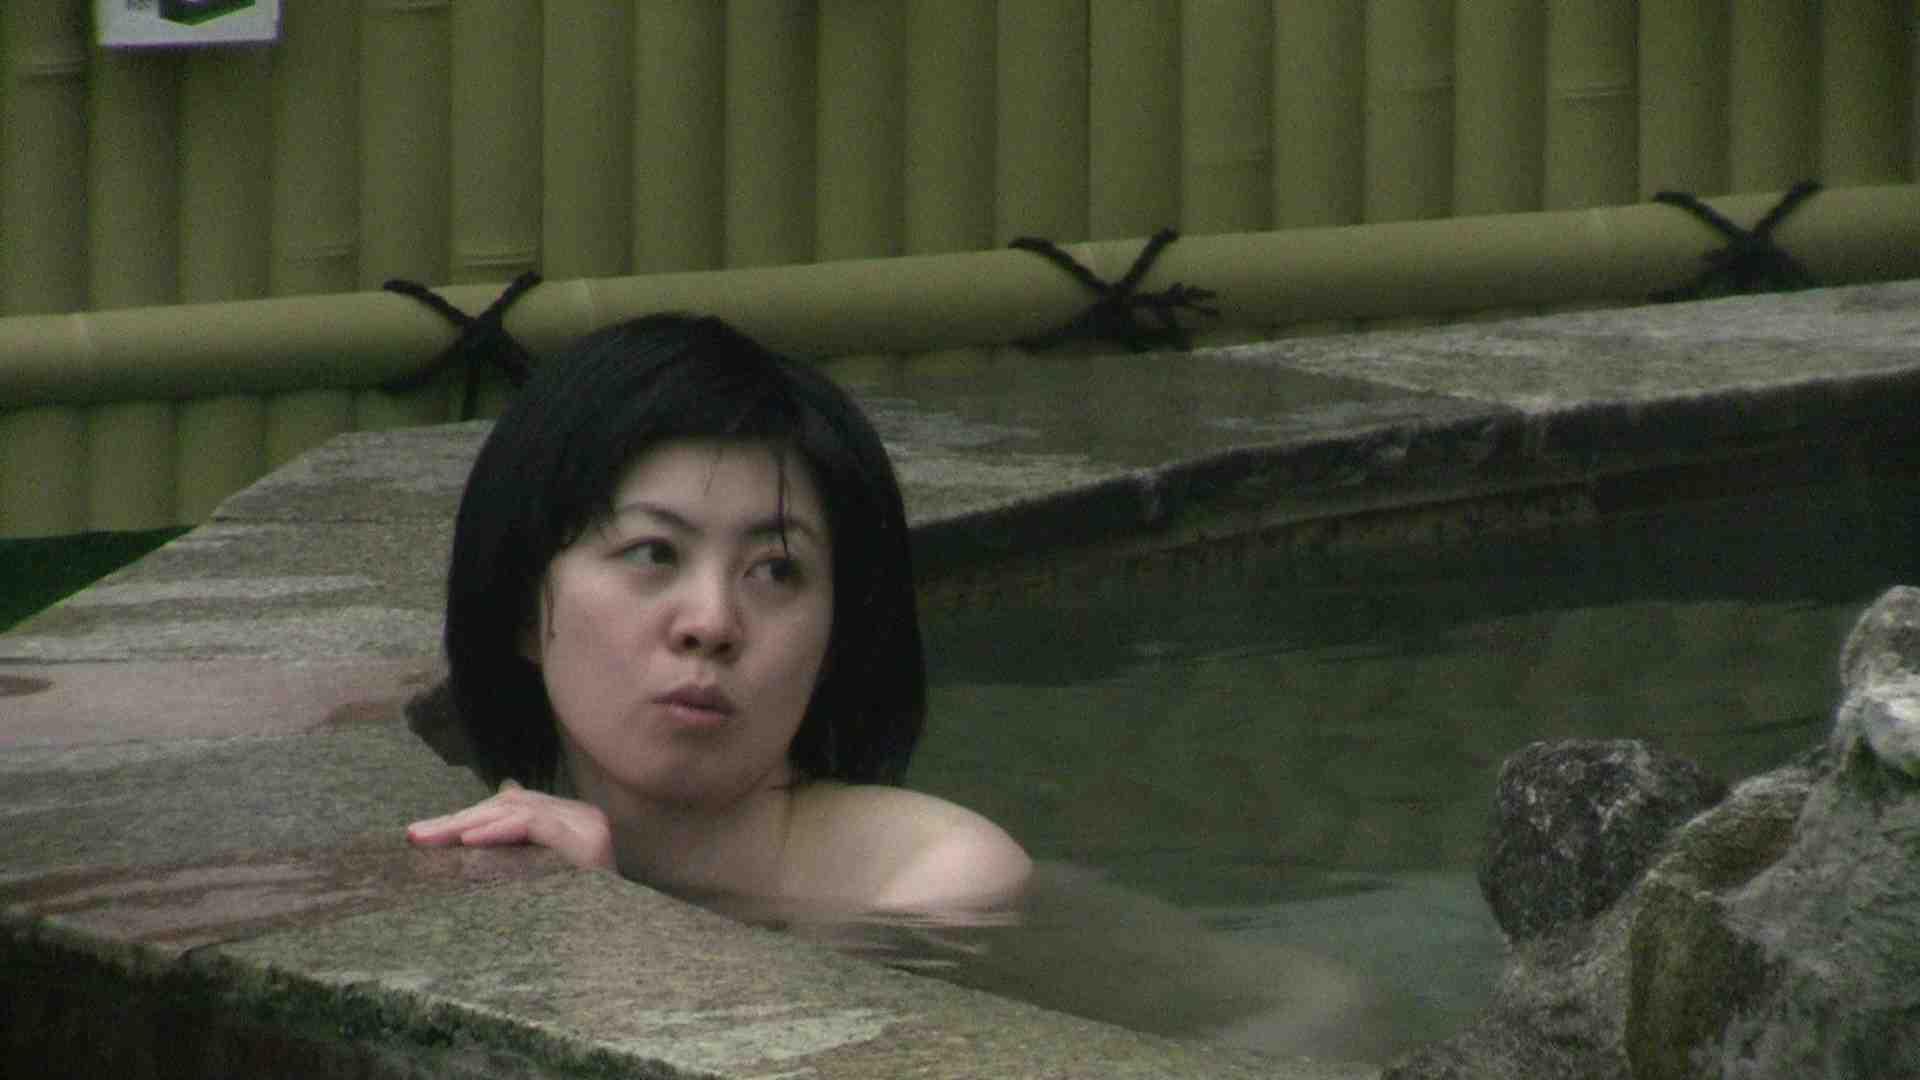 Aquaな露天風呂Vol.685 OLハメ撮り  42Pix 20